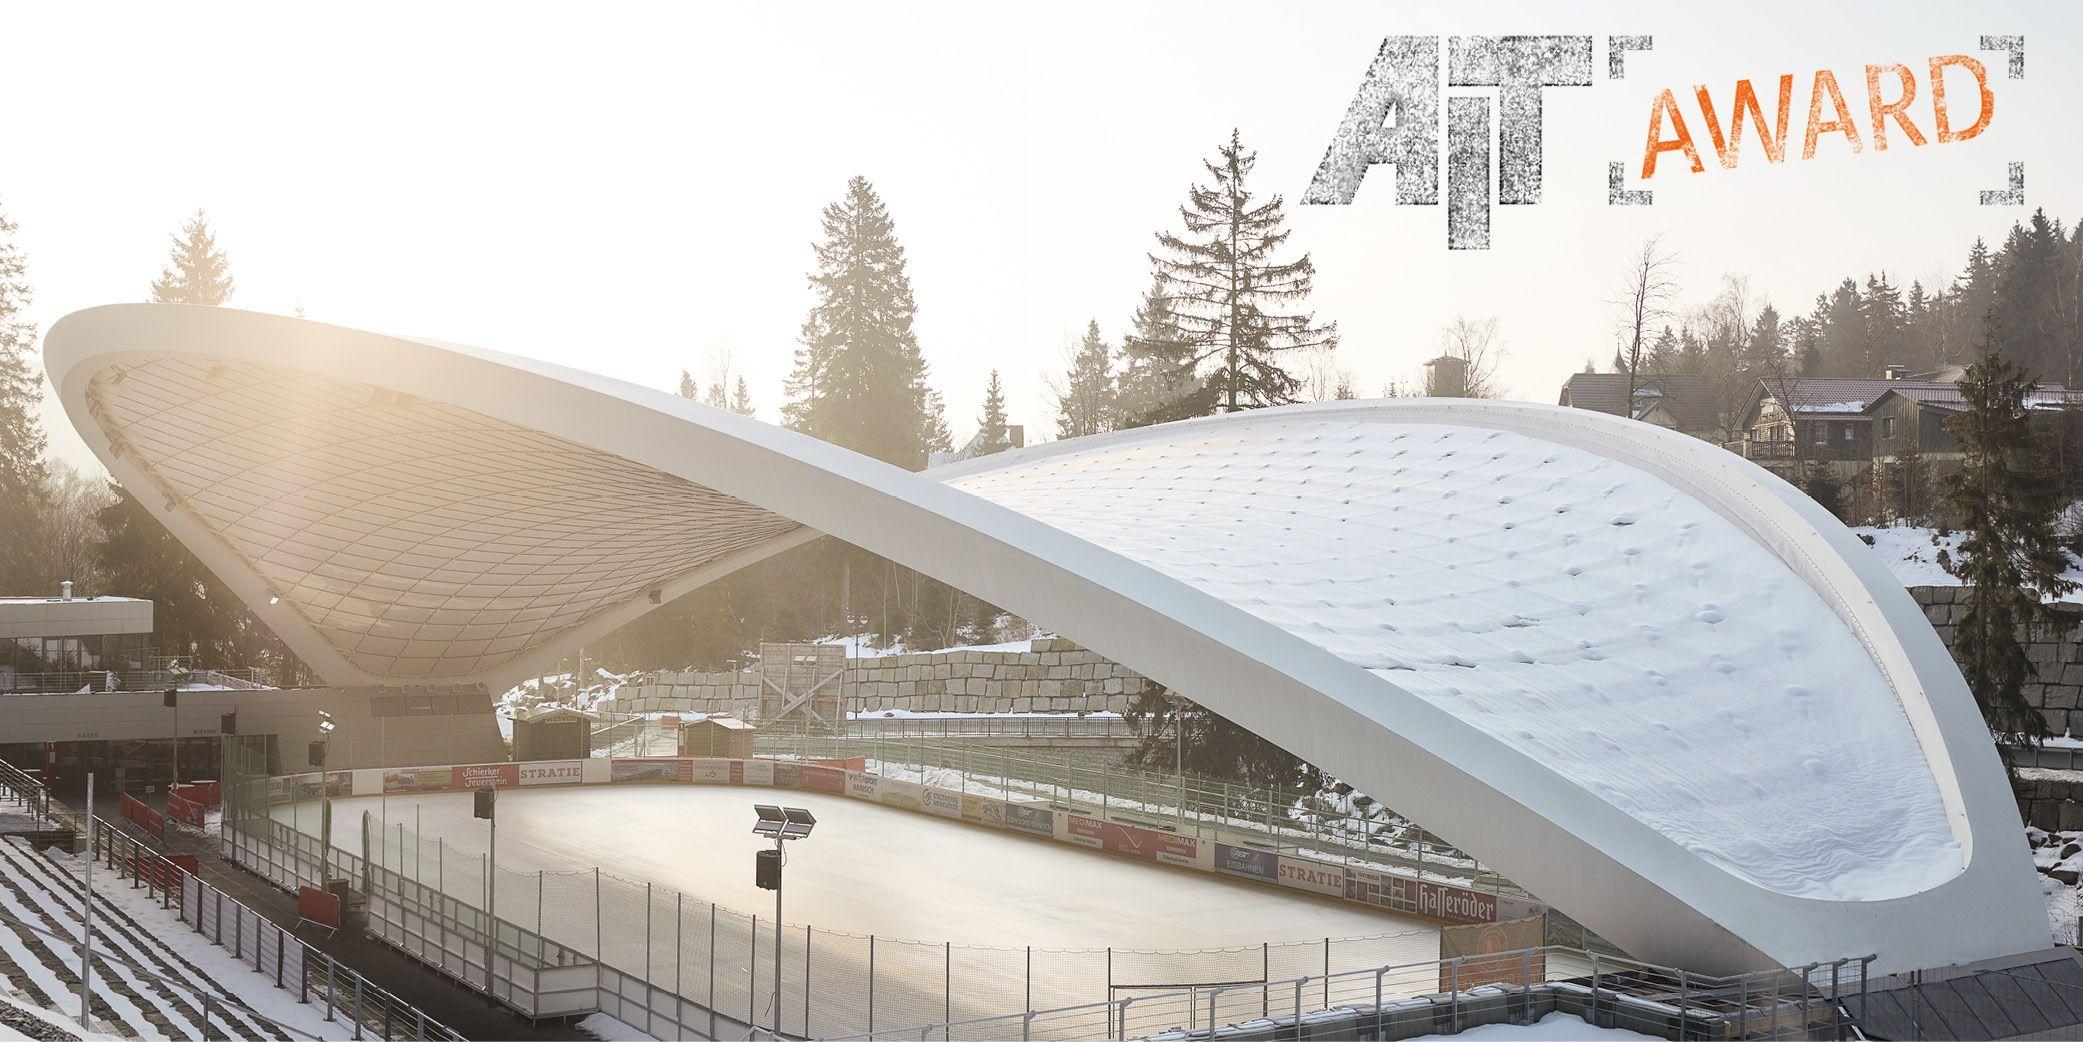 AIT Award Schierker Feuerstein Arena